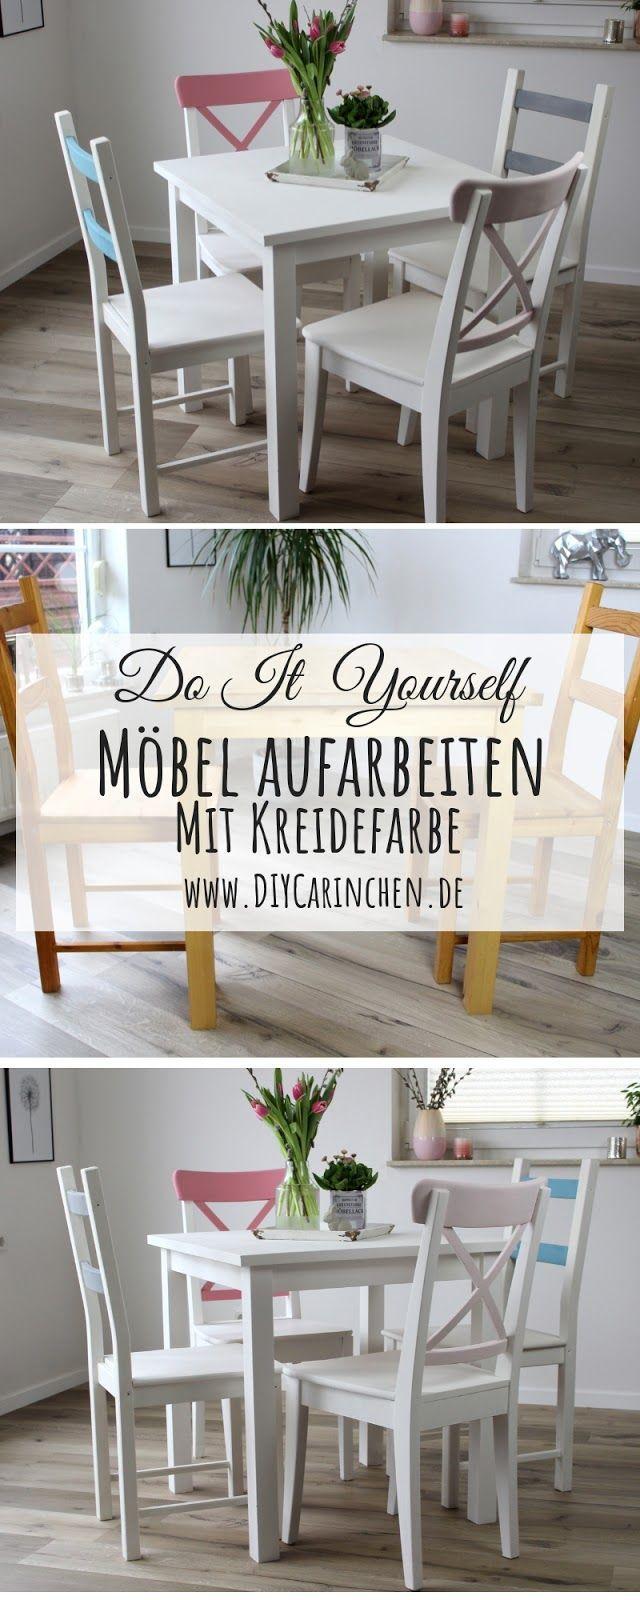 DIY: Alte Möbel aufarbeiten und neu streichen mit Kreidefarbe von Rust-Oleum – farbenfrohes Make Over